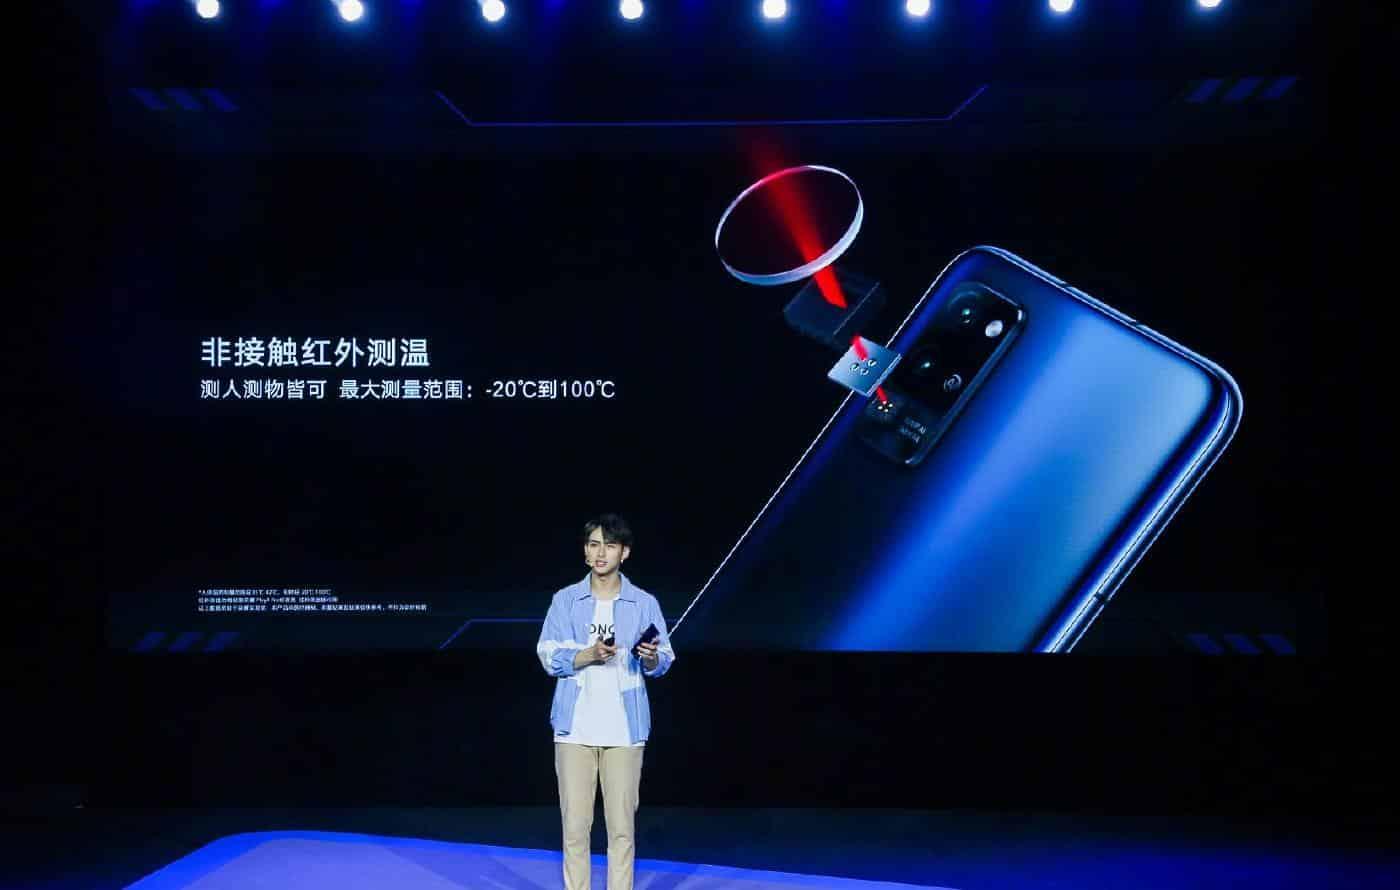 Em meio à pandemia, Huawei revela celular com termômetro infravermelho